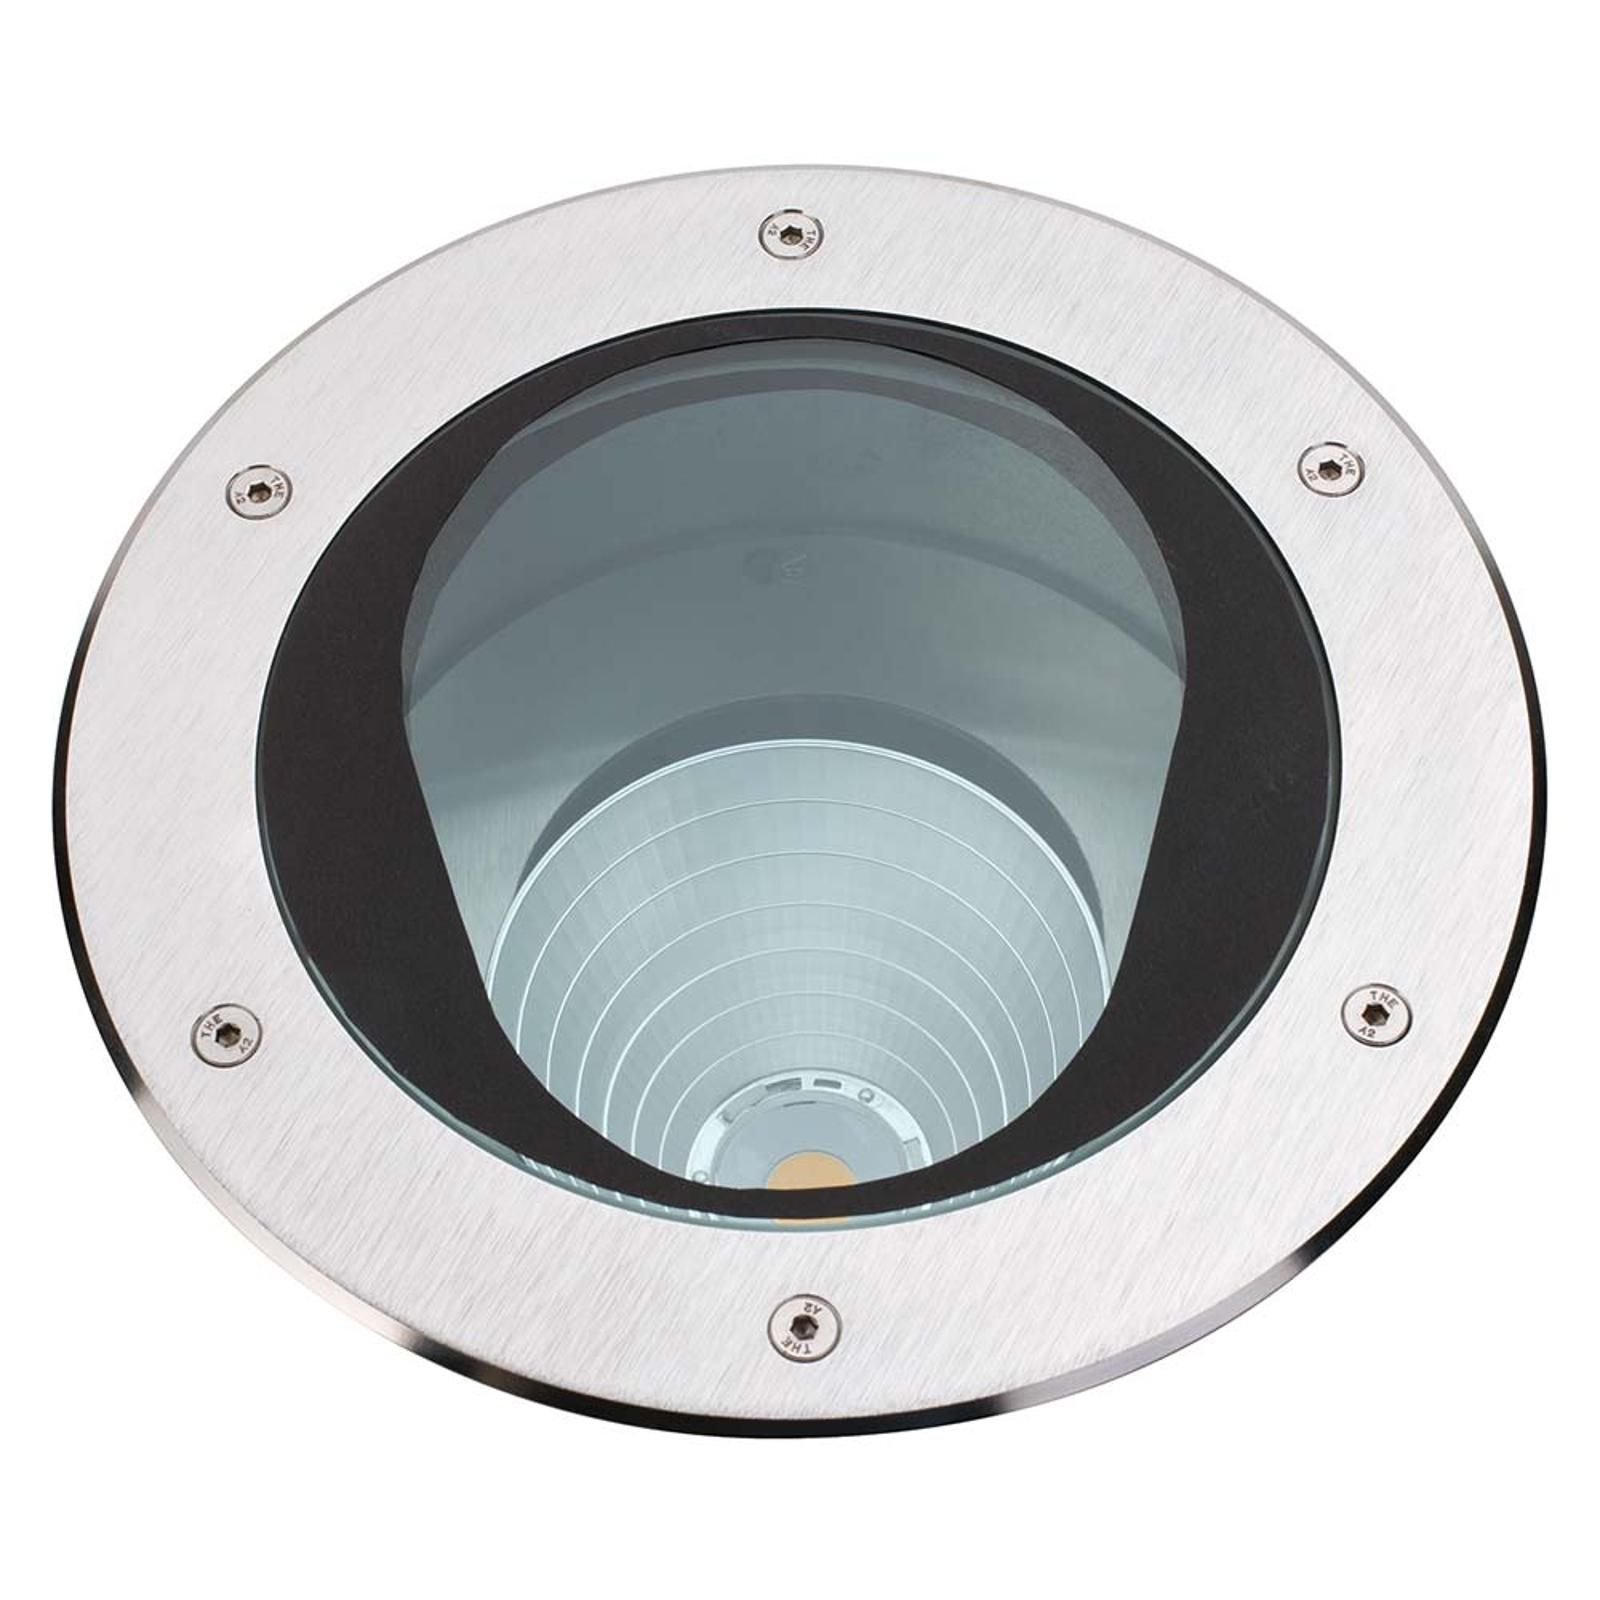 Upotettava Titus-LED-maaspotti 32 W – käännettävä